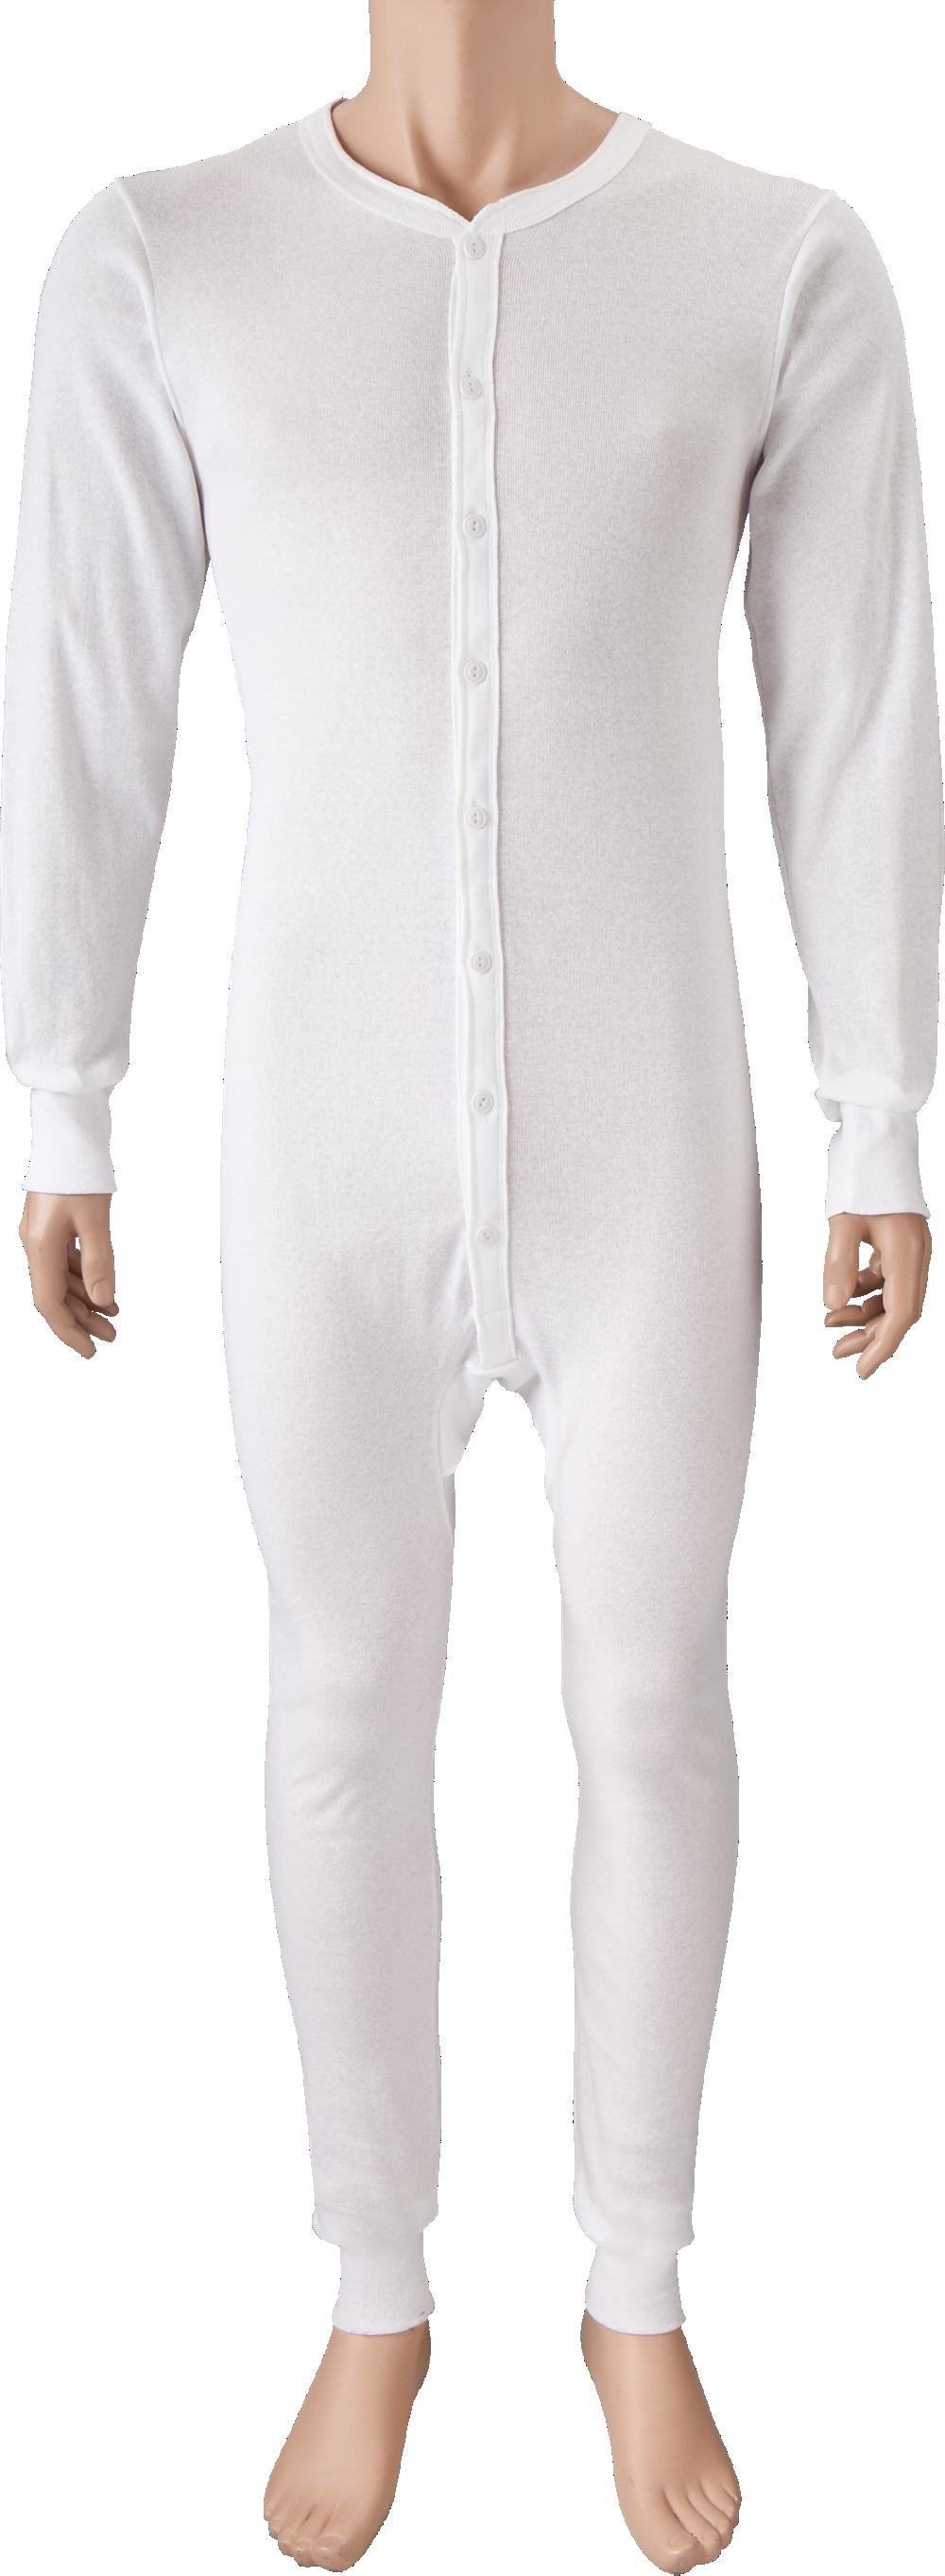 Mens White Union Suit with Seat Flap | Cotton Long Underwear